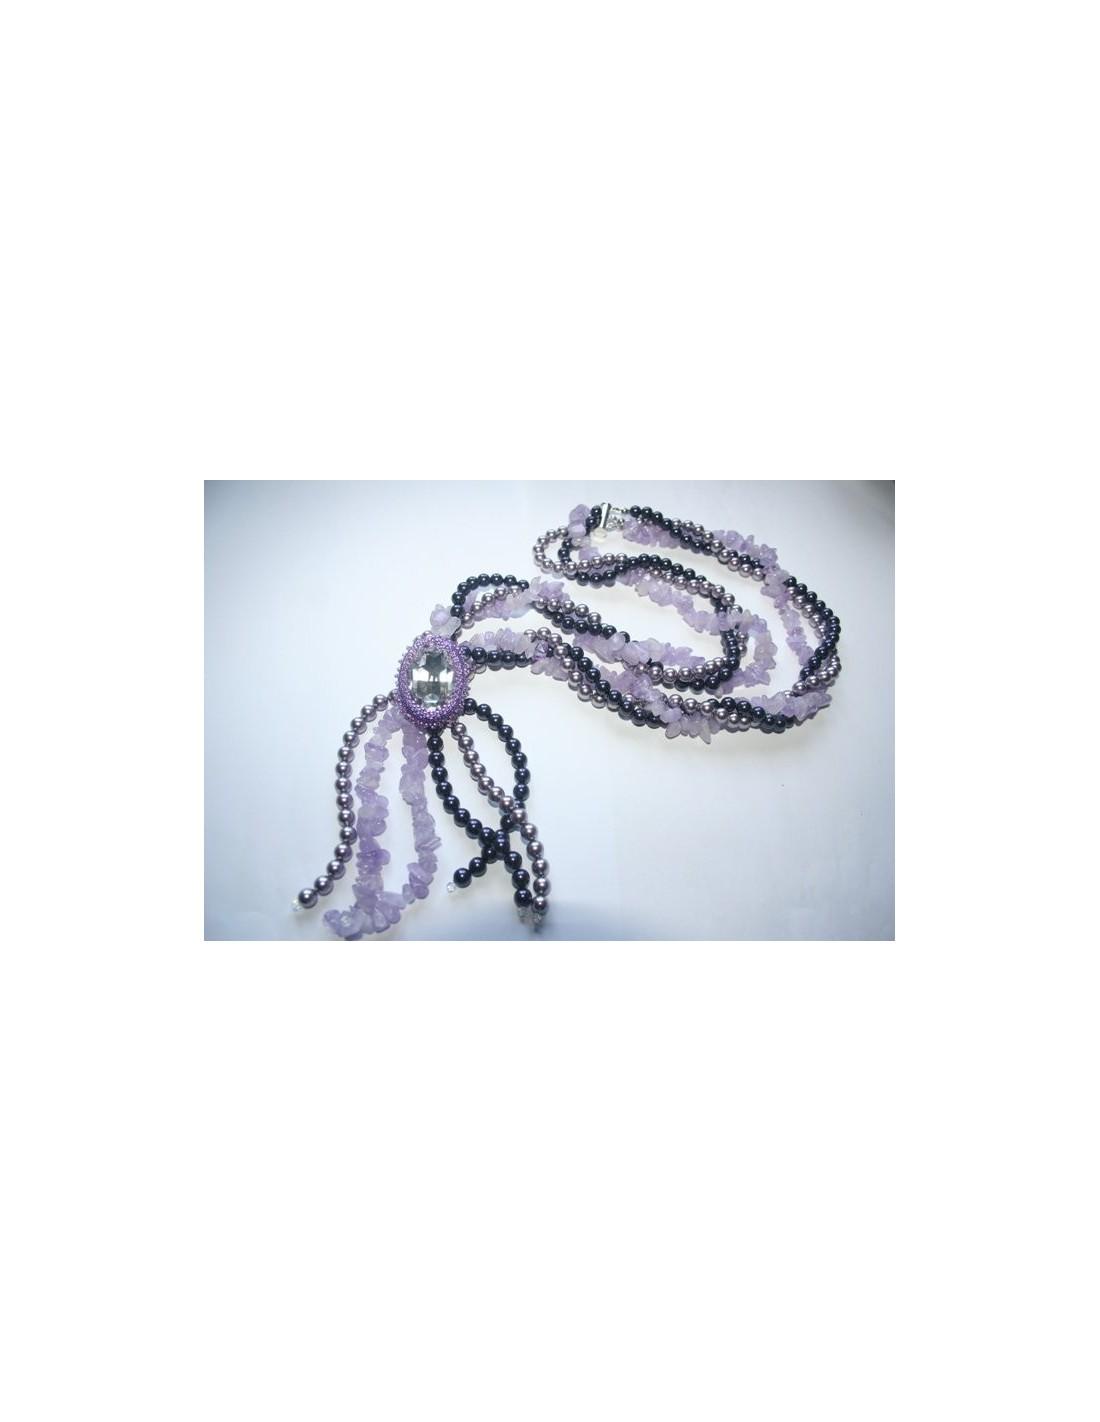 Ben noto Kit Collana Perle e Pietre Dure Cabochon Swarovski 2 - PerlineBijoux EB59